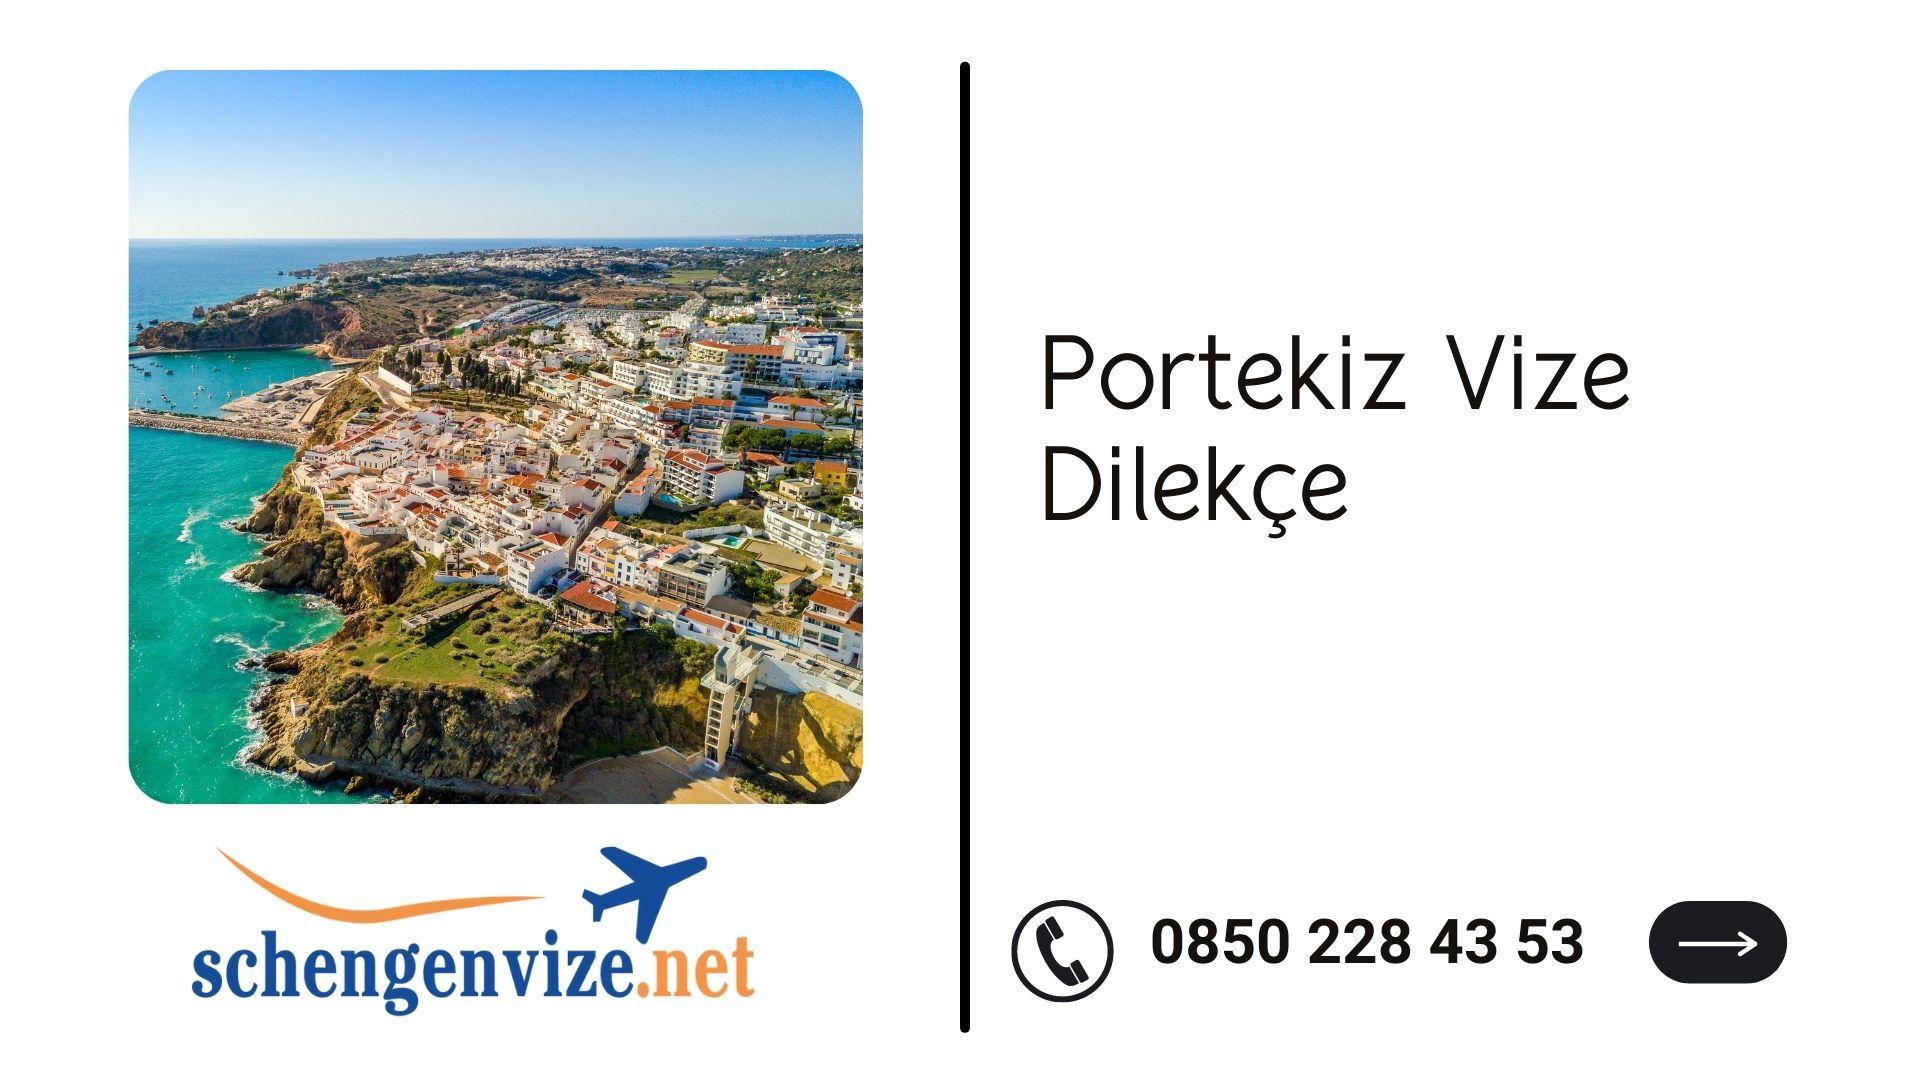 Portekiz Vize Dilekçe